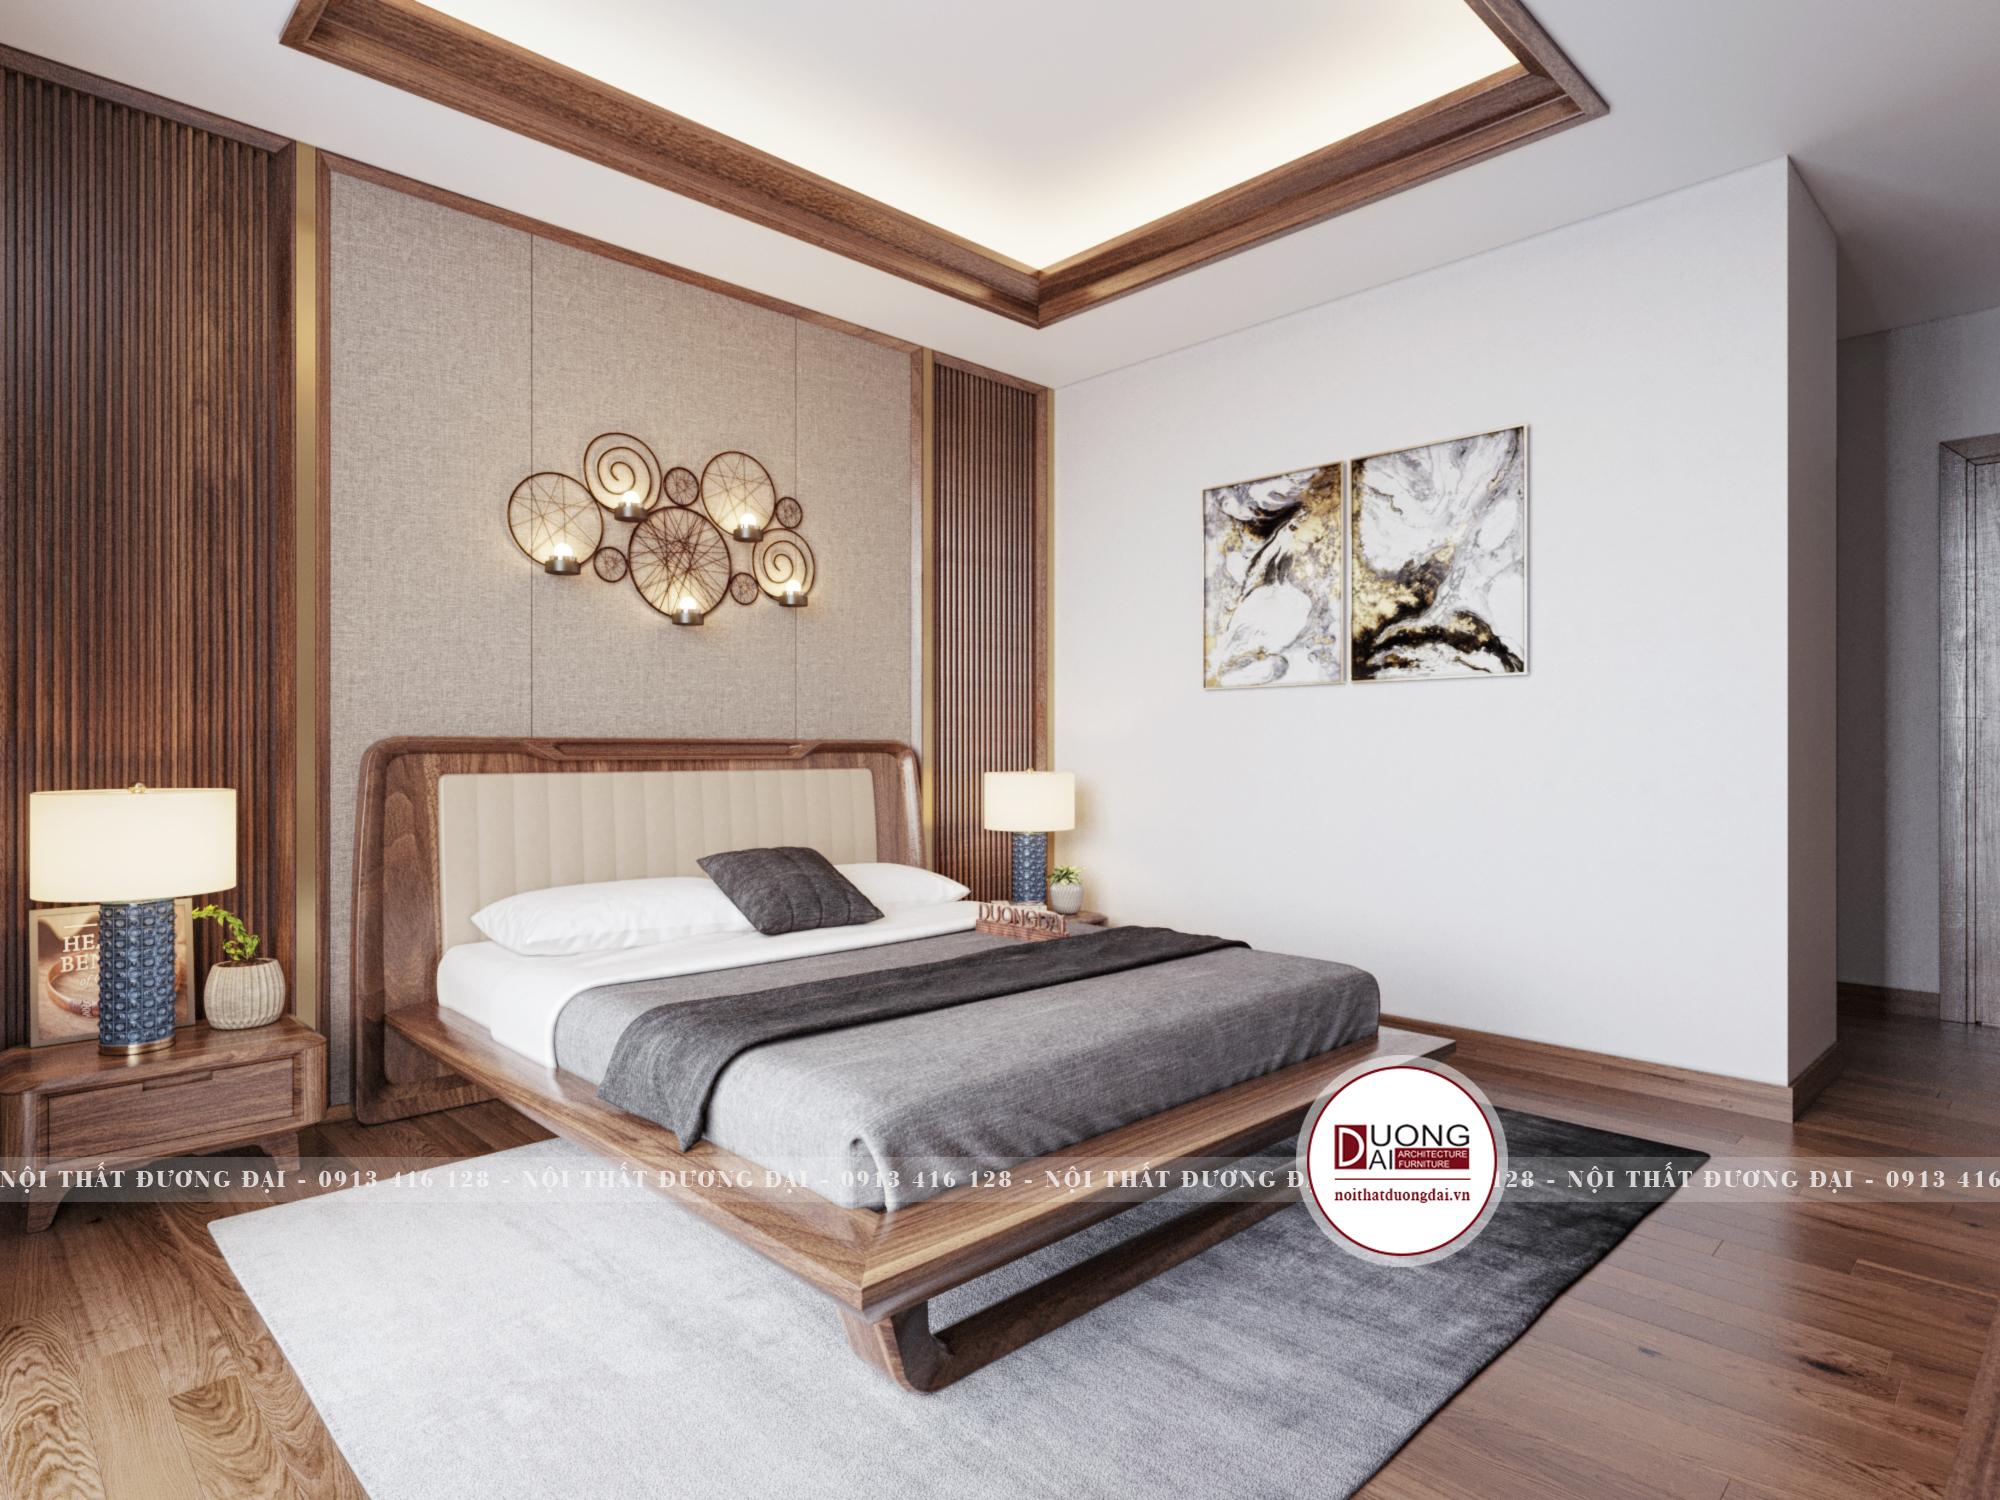 Thiết kế nội thất Chung Cư tại Hà Nội SKY VILLA 01 TẦNG 2 1632153749 14